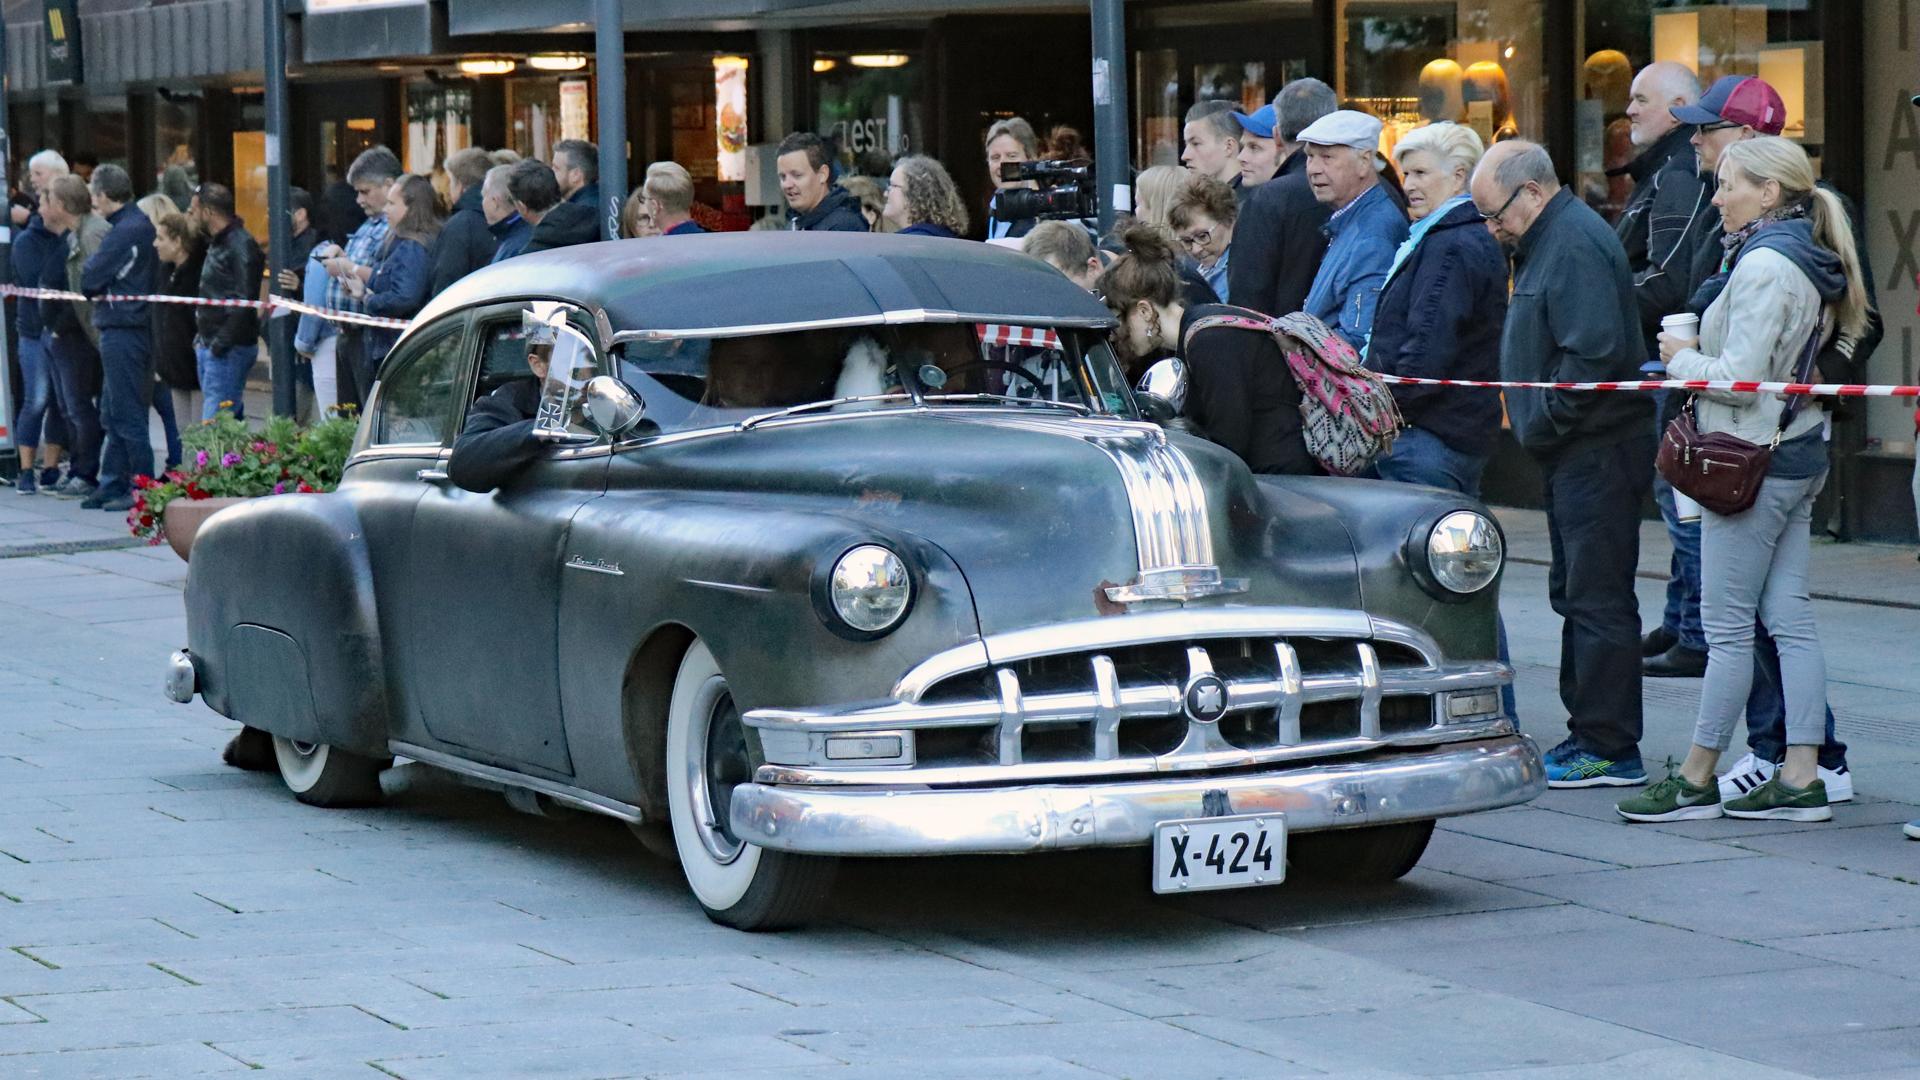 172-1950 Pontiac 02. Eier- medelem 172 Anders Skaa